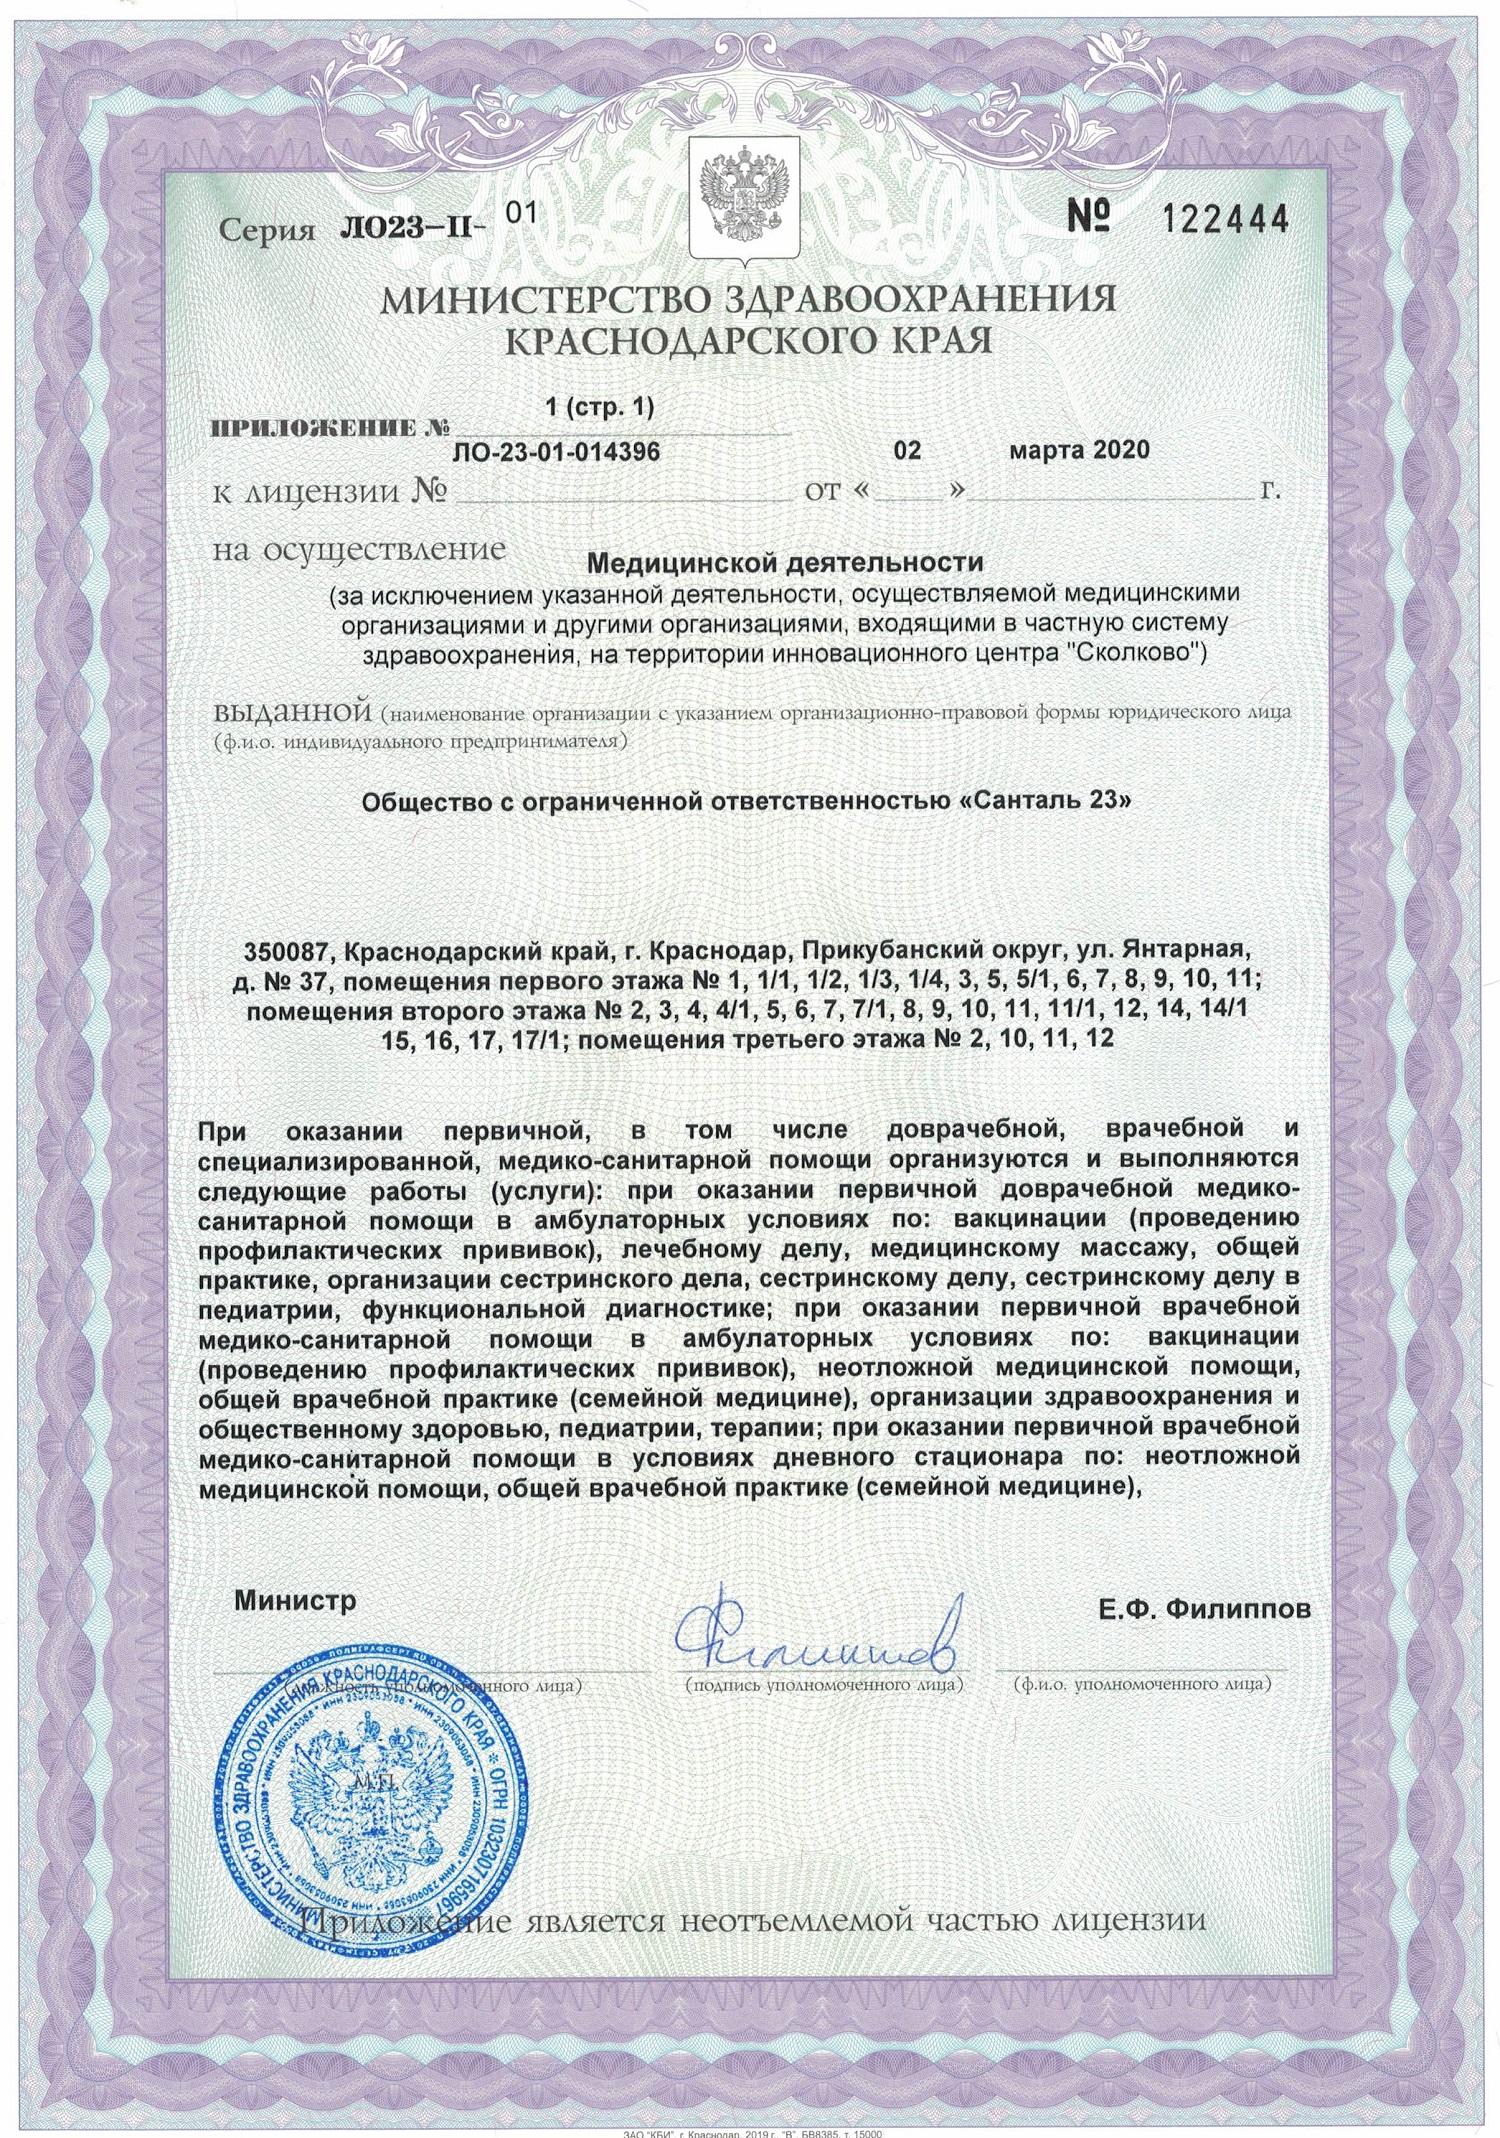 Лицензия на осуществление медицинской деятельности клиники Санталь в Краснодаре